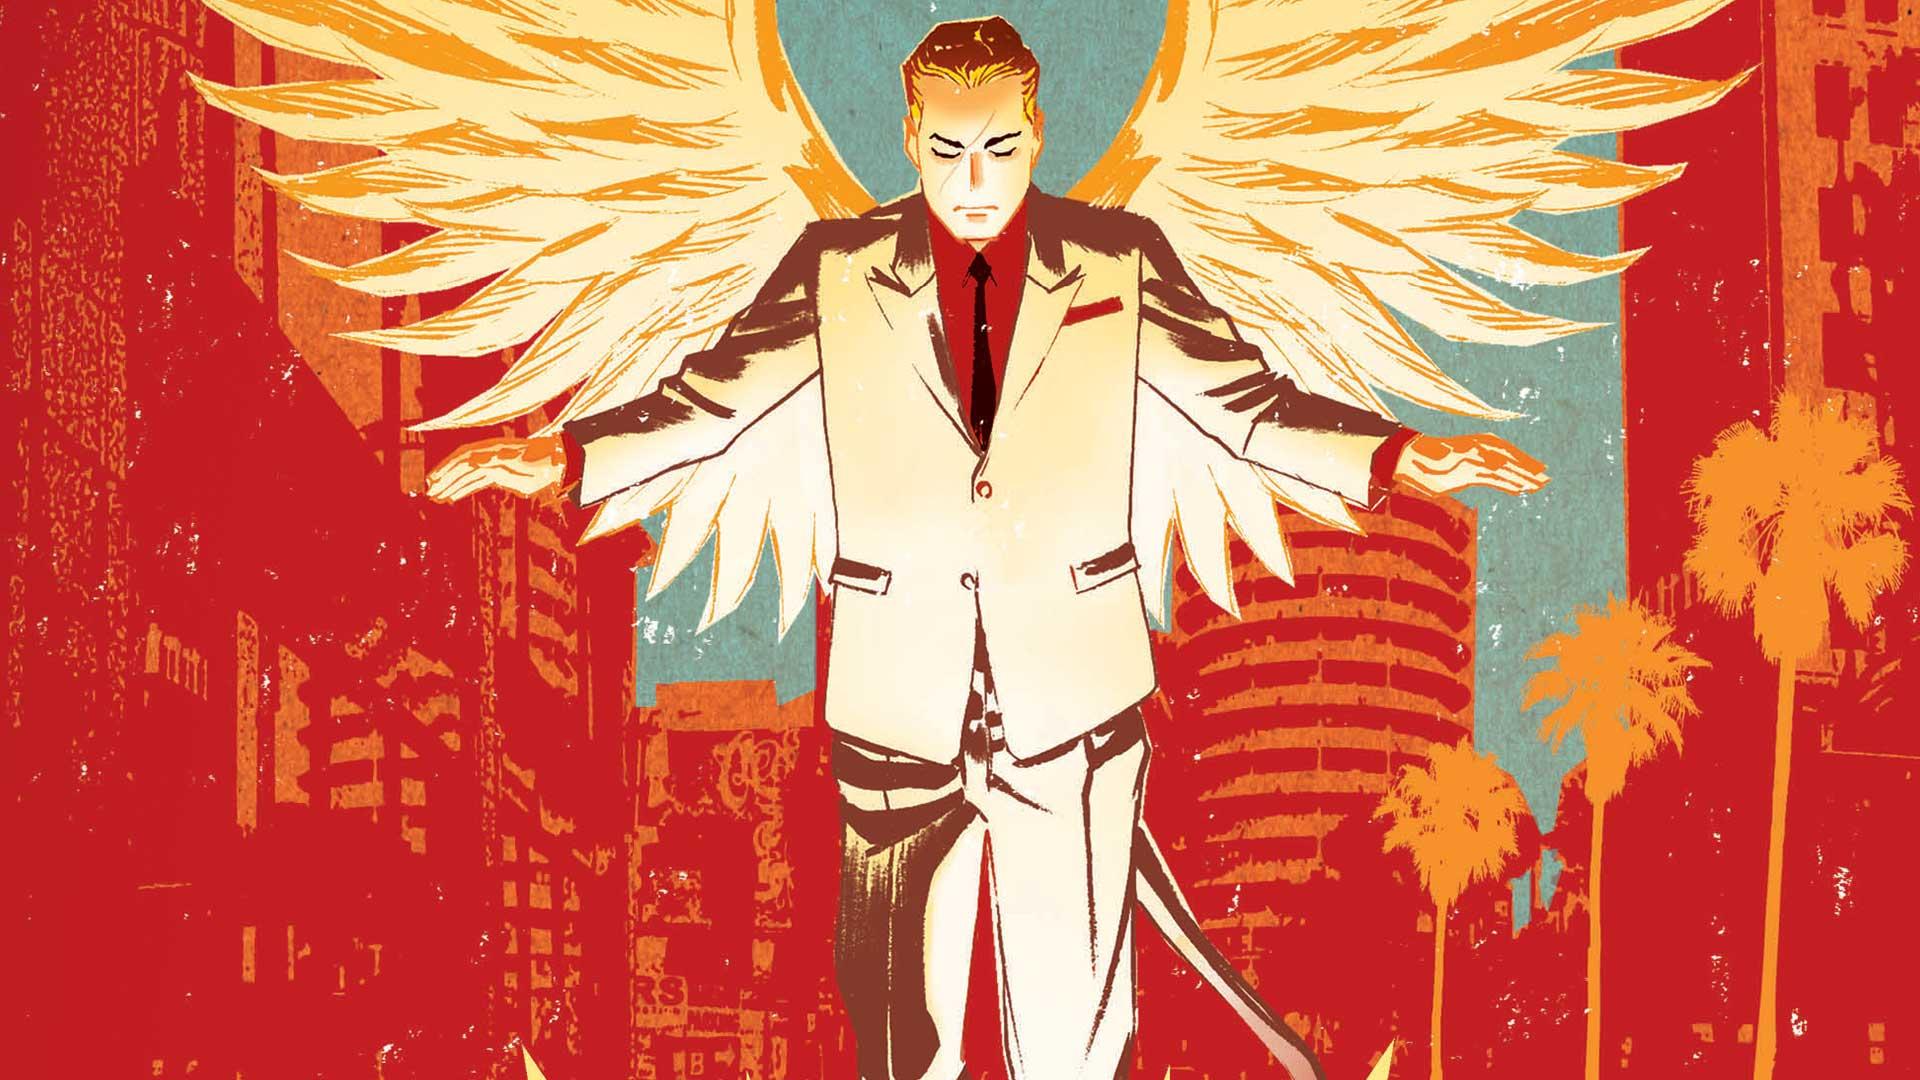 O lado pop de Lúcifer:  Por que o Diabo fascina você?